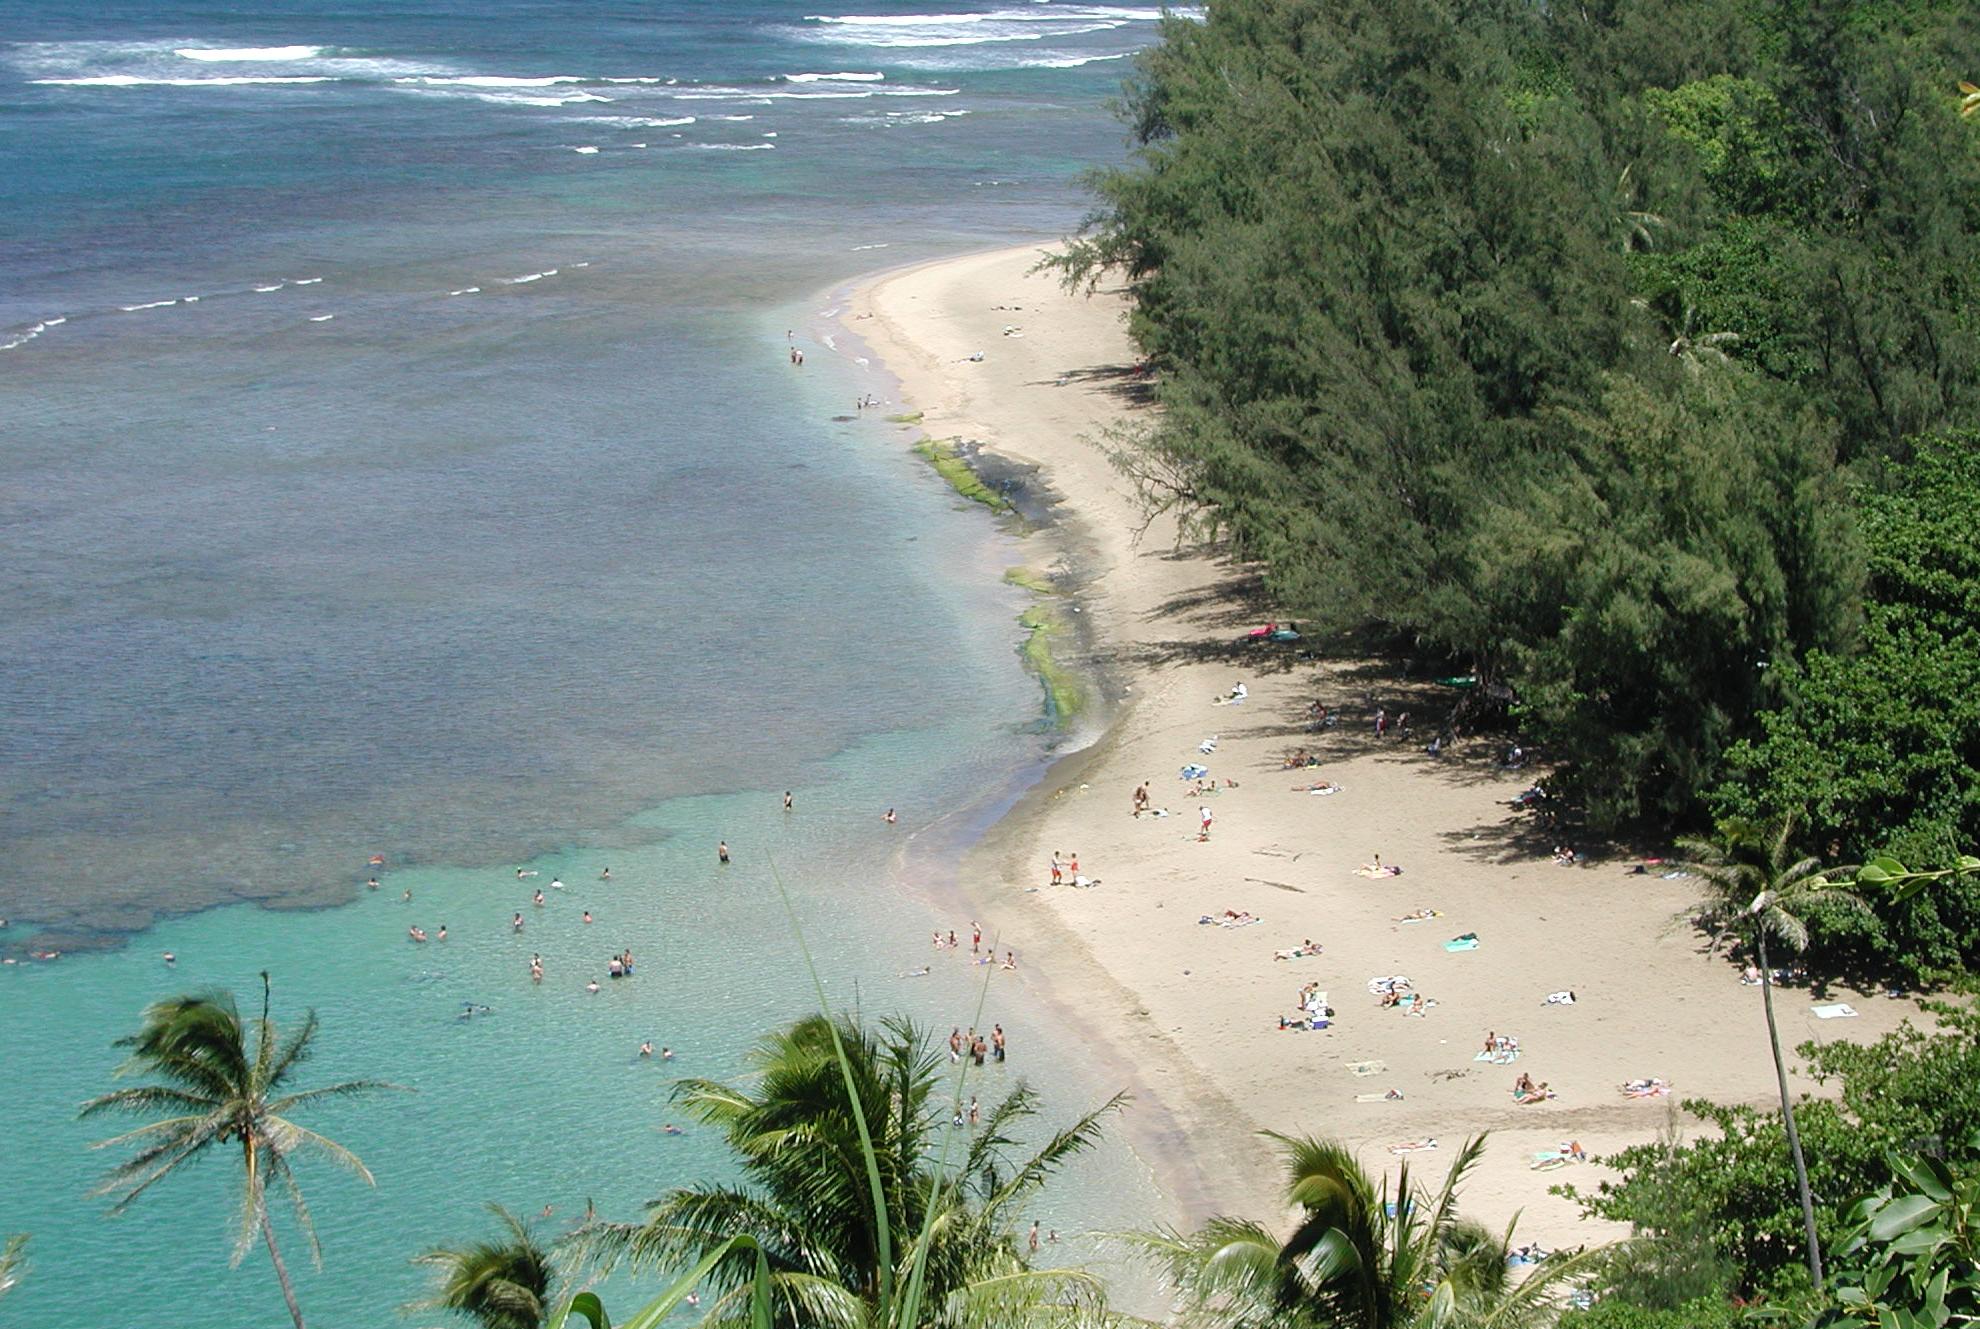 ke_e_beach_kauai_hawaiiGregoryRunyan